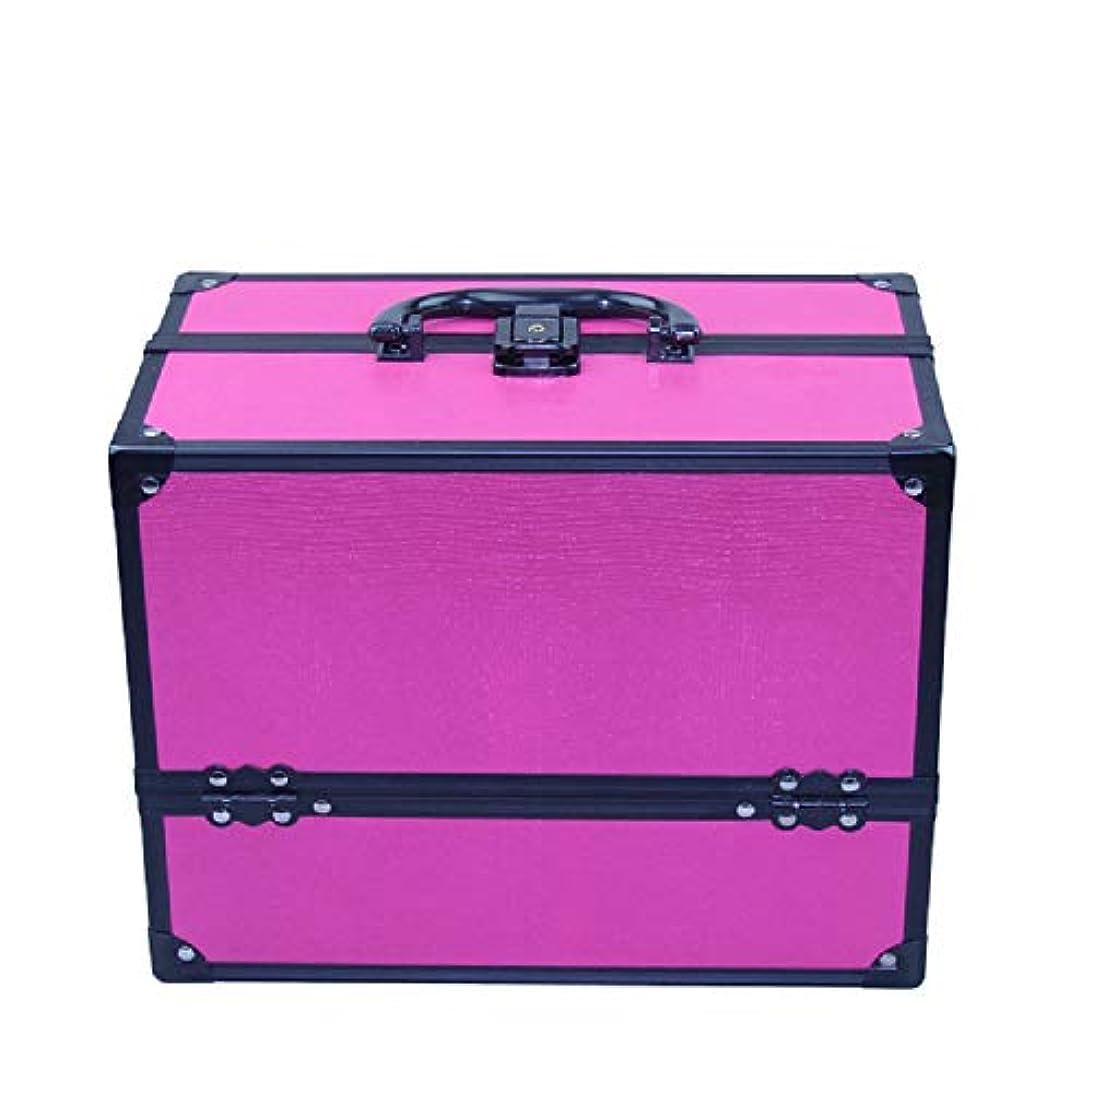 急行するエントリ手配する化粧オーガナイザーバッグ 純粋な色のポータブル化粧品ケーストラベルアクセサリーシャンプーボディウォッシュパーソナルアイテムストレージロックとスライディングトレイ 化粧品ケース